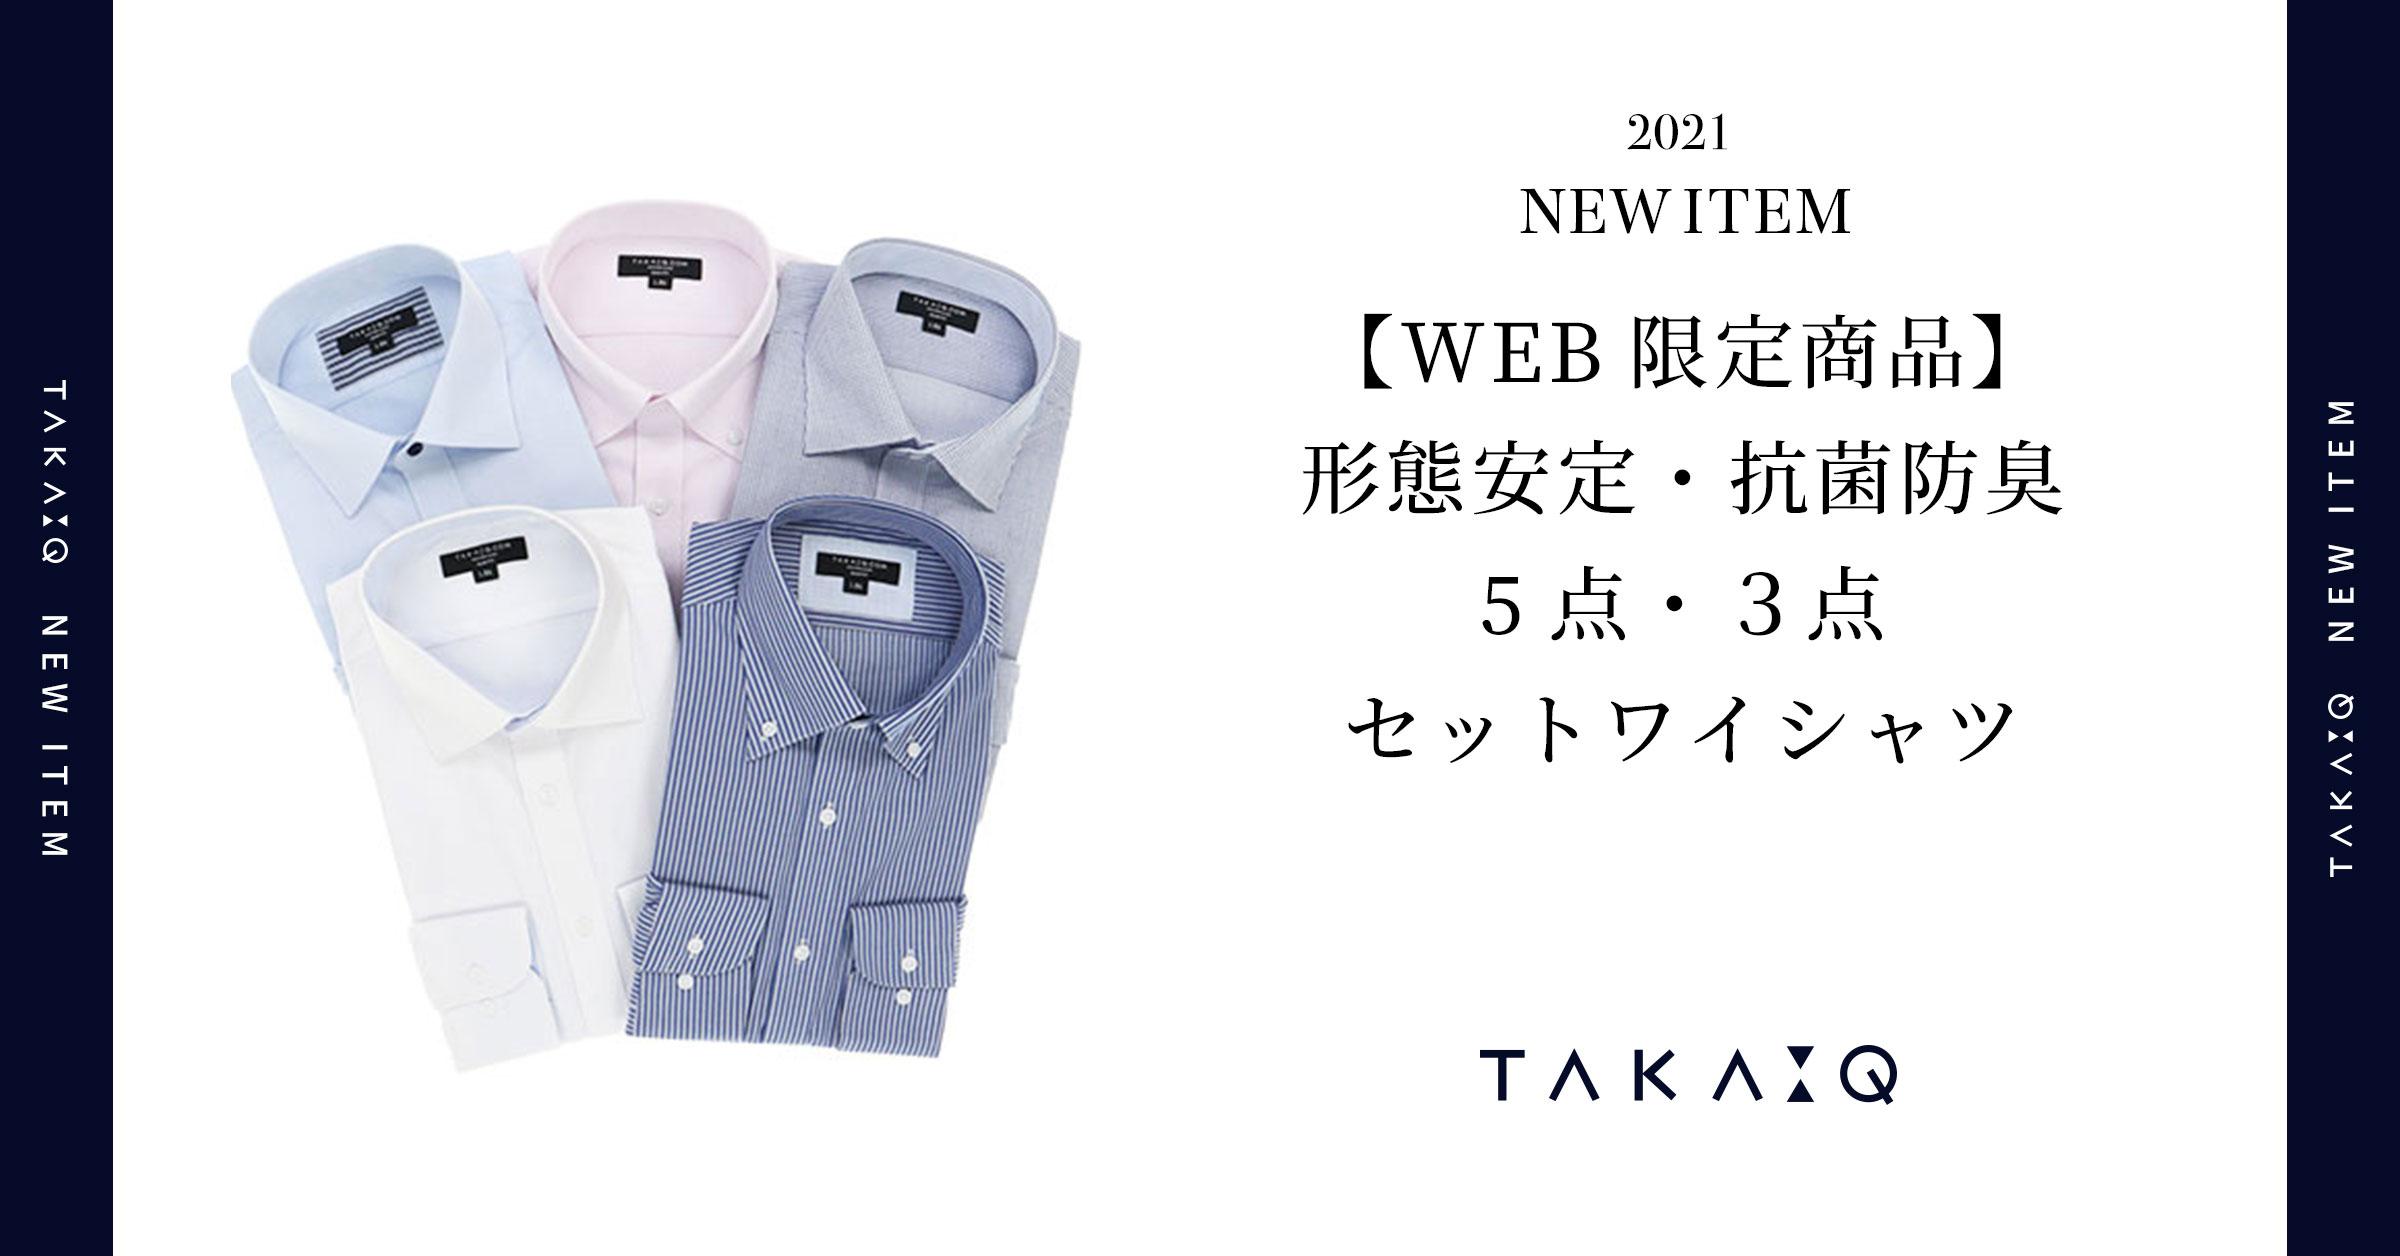 【2021新作 WEB限定商品】形態安定・抗菌防臭 セットワイシャツ